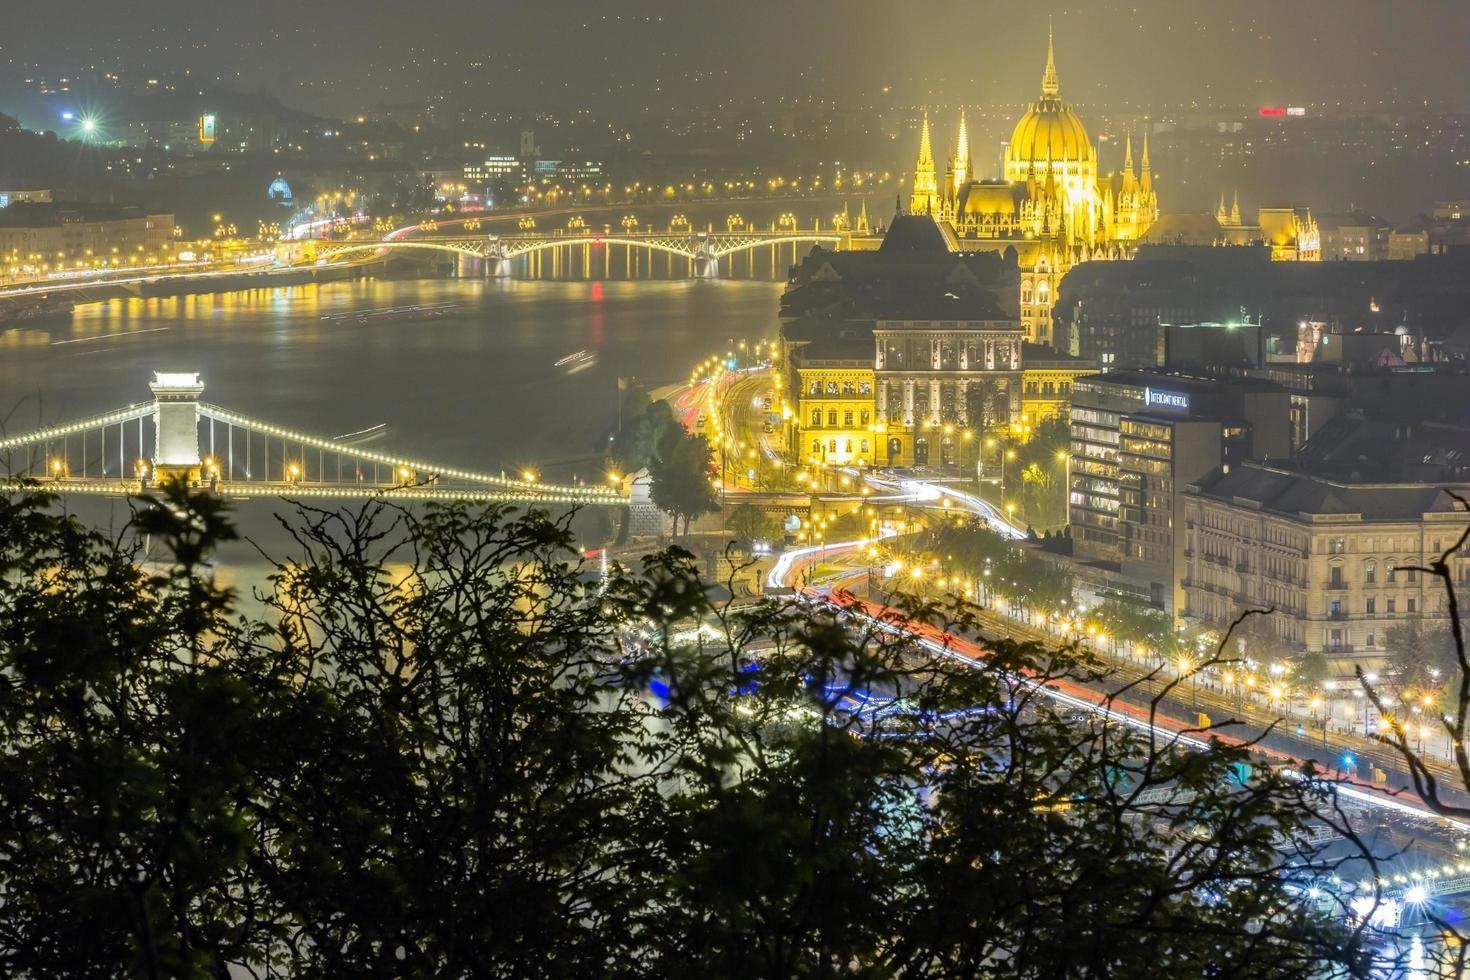 Vue aérienne de nuit de la ville de Budapest photo